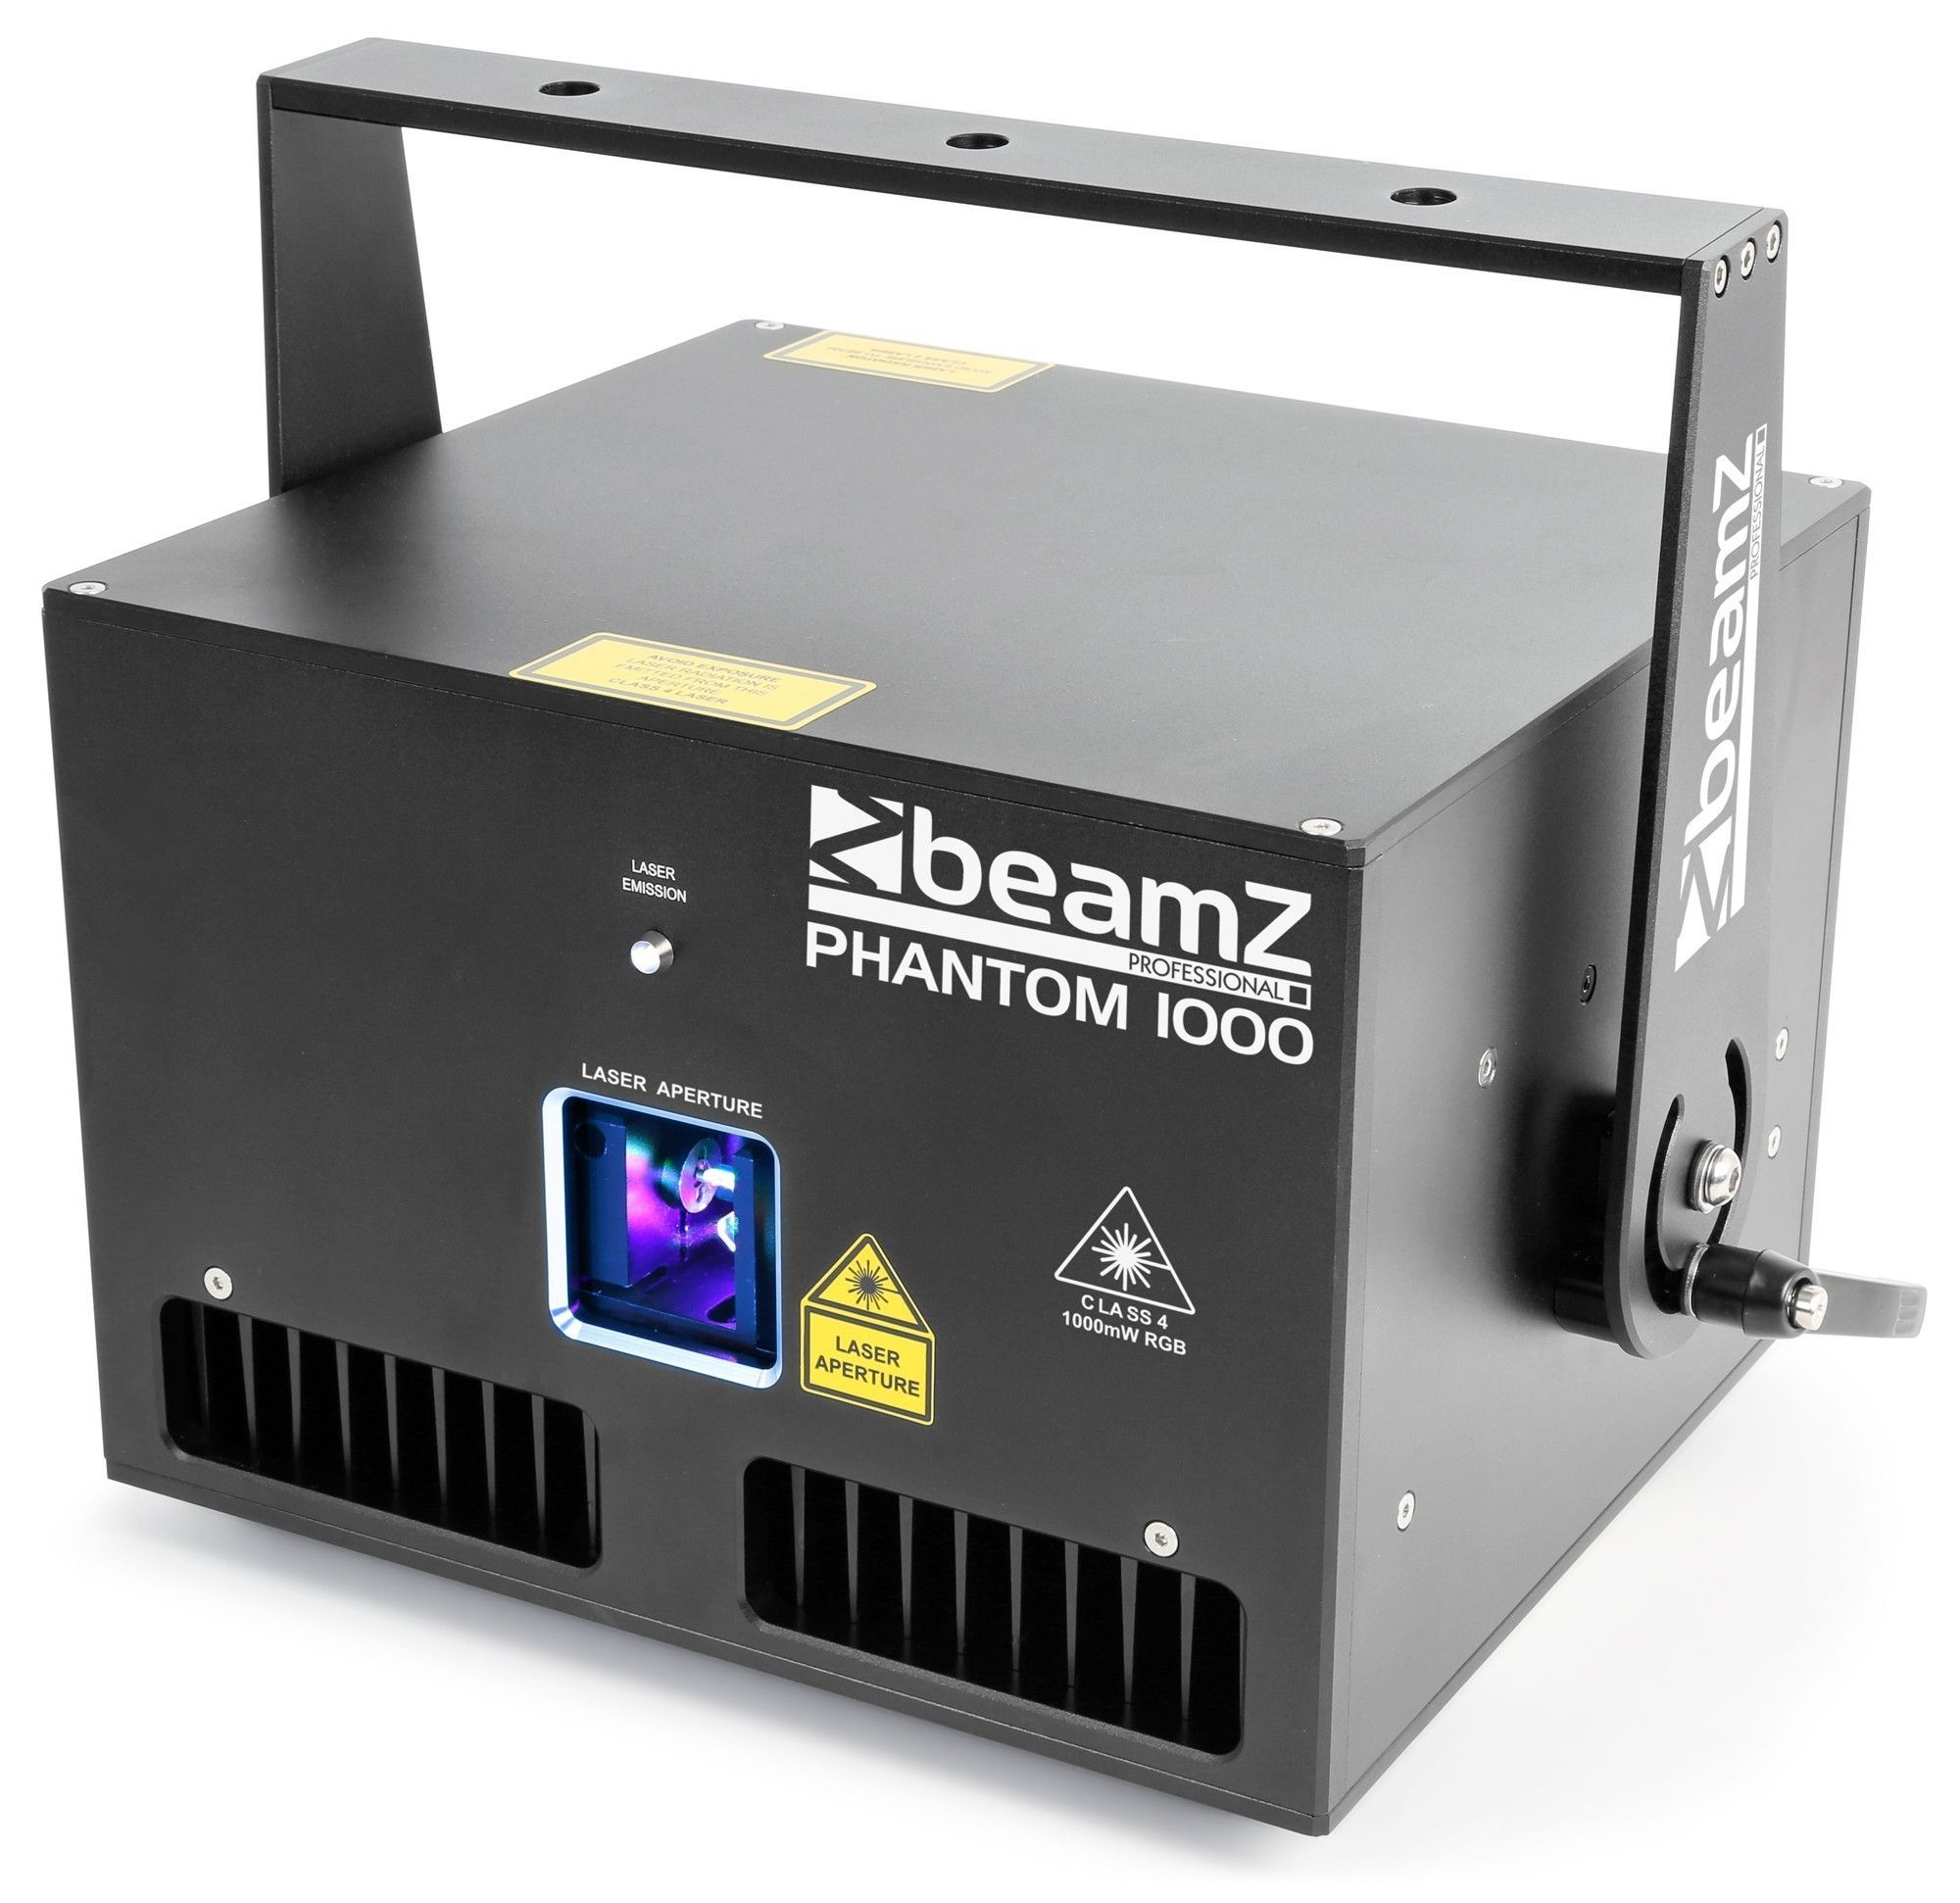 BeamZ Phantom 1000 Pure Diode analoge RGB Laser